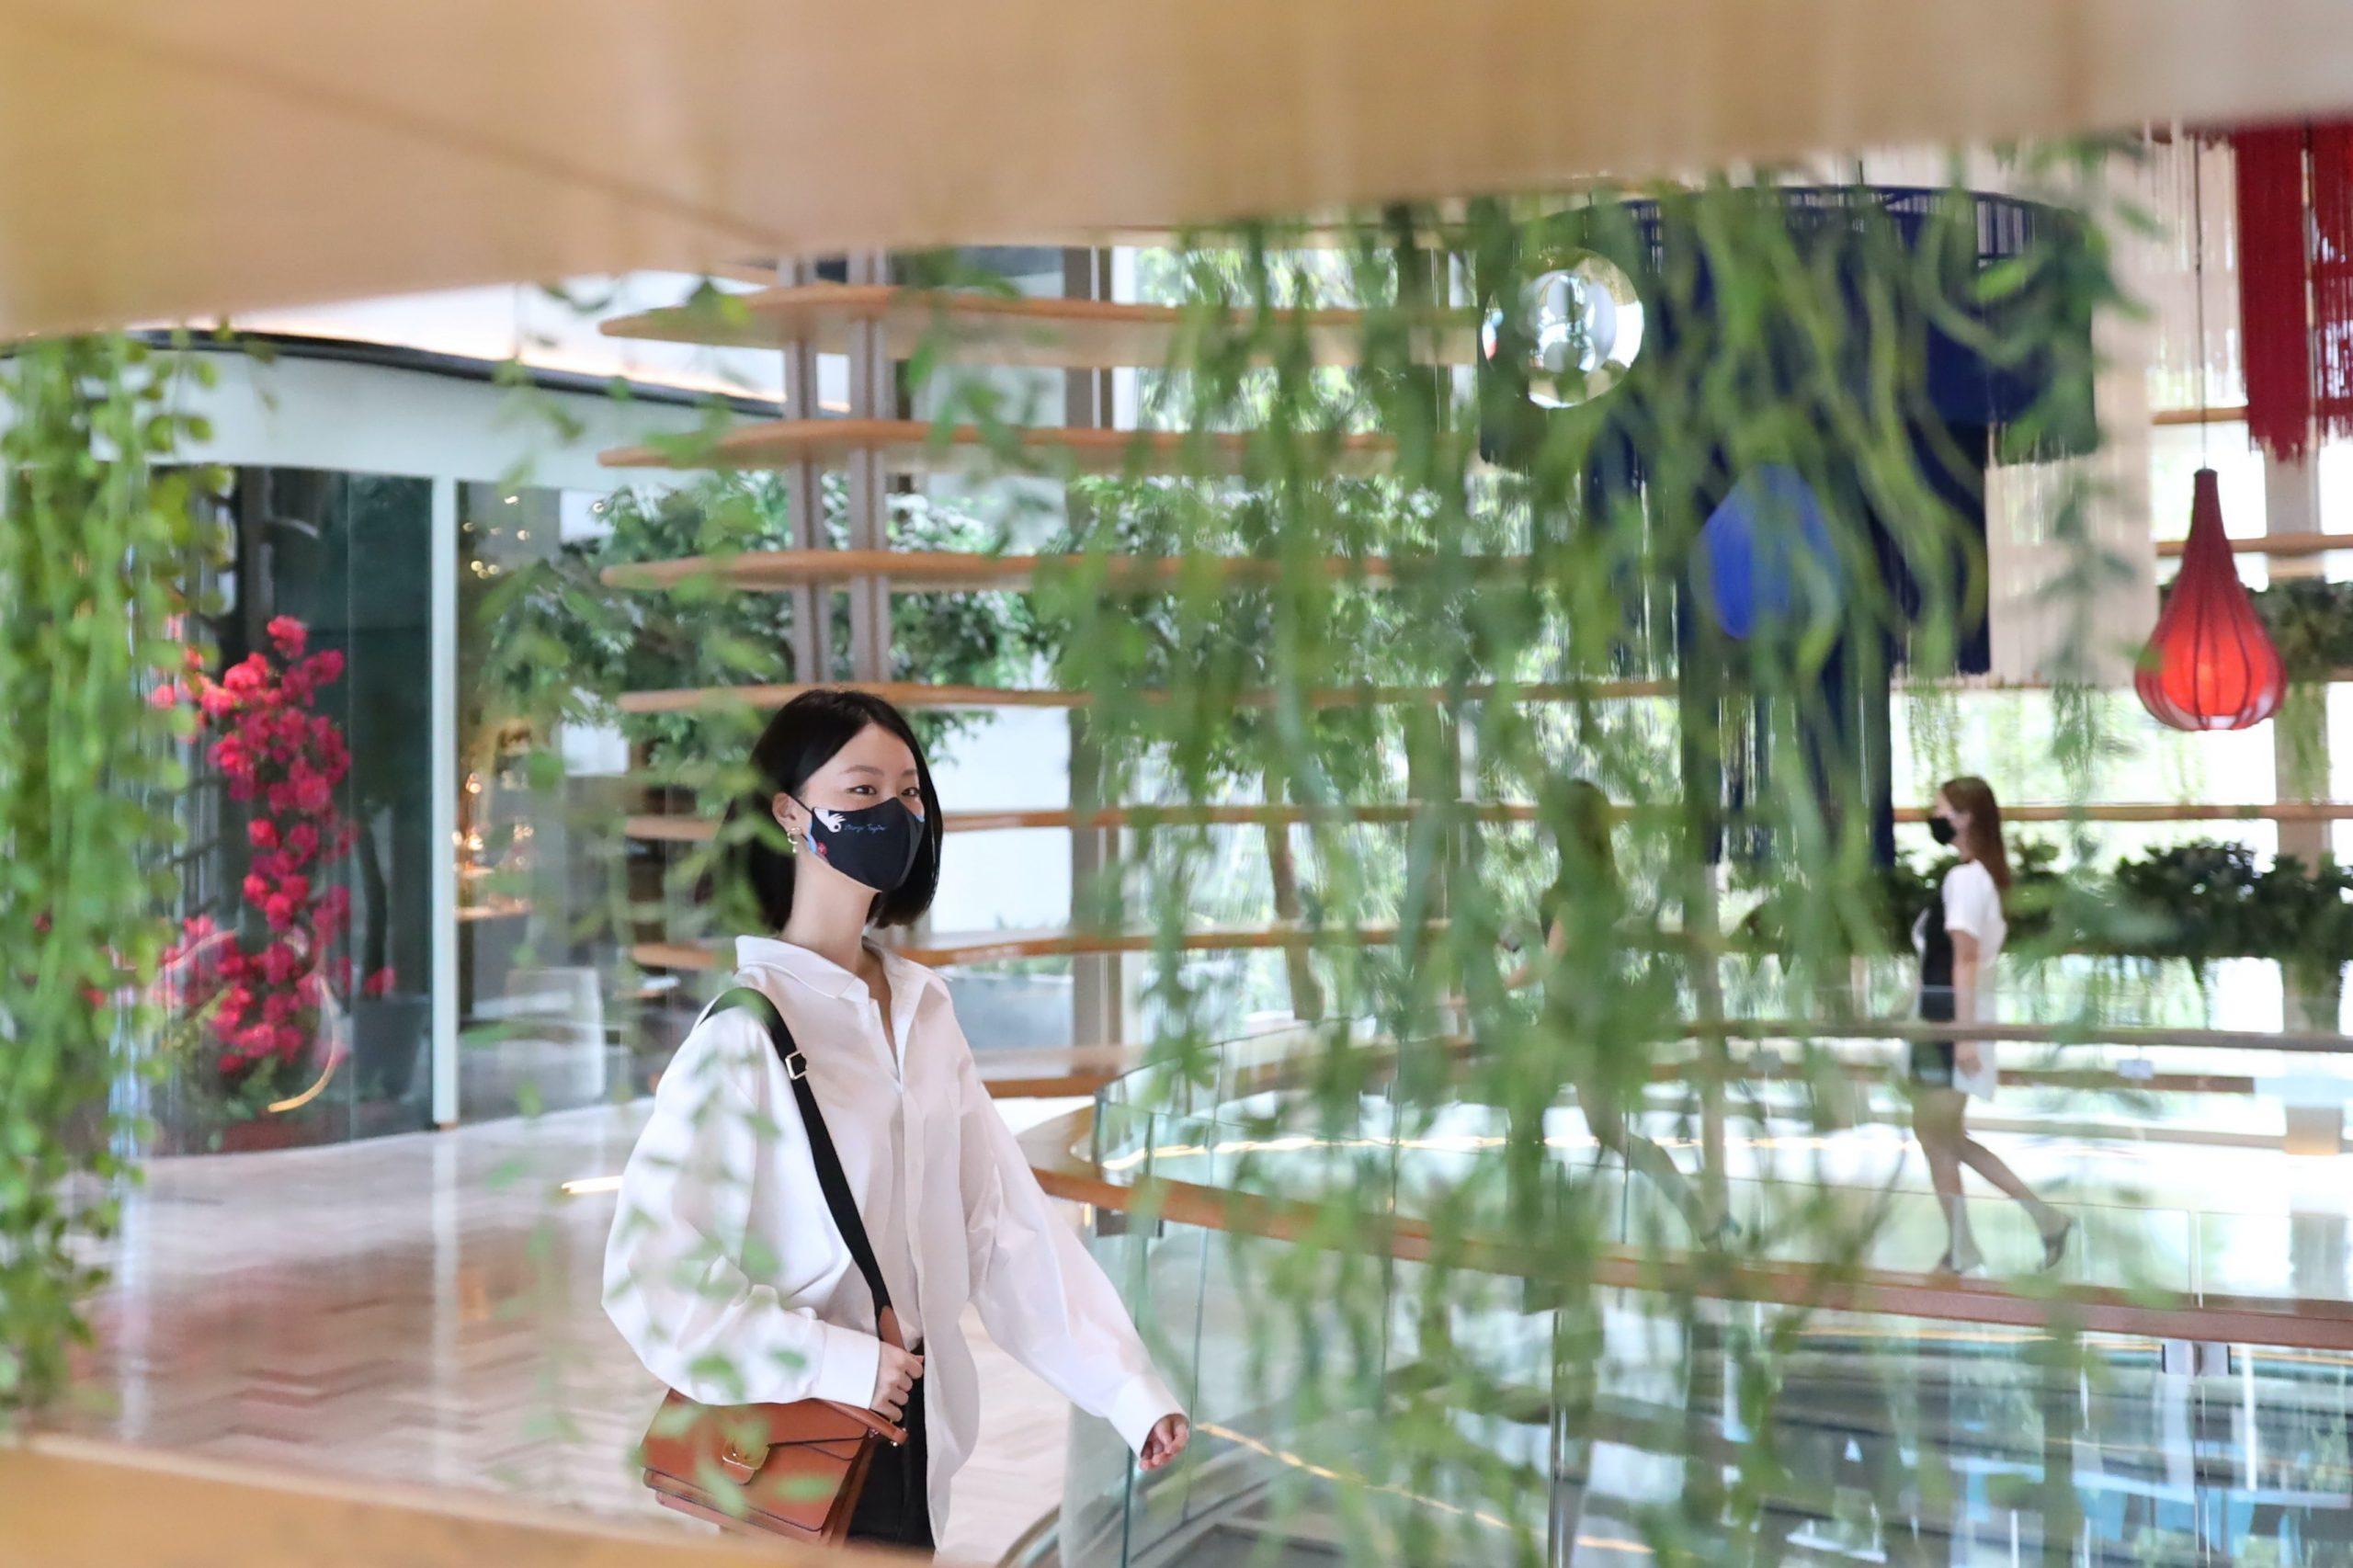 ห้างสรรพสินค้า เกษรวิลเลจ โควิด-19